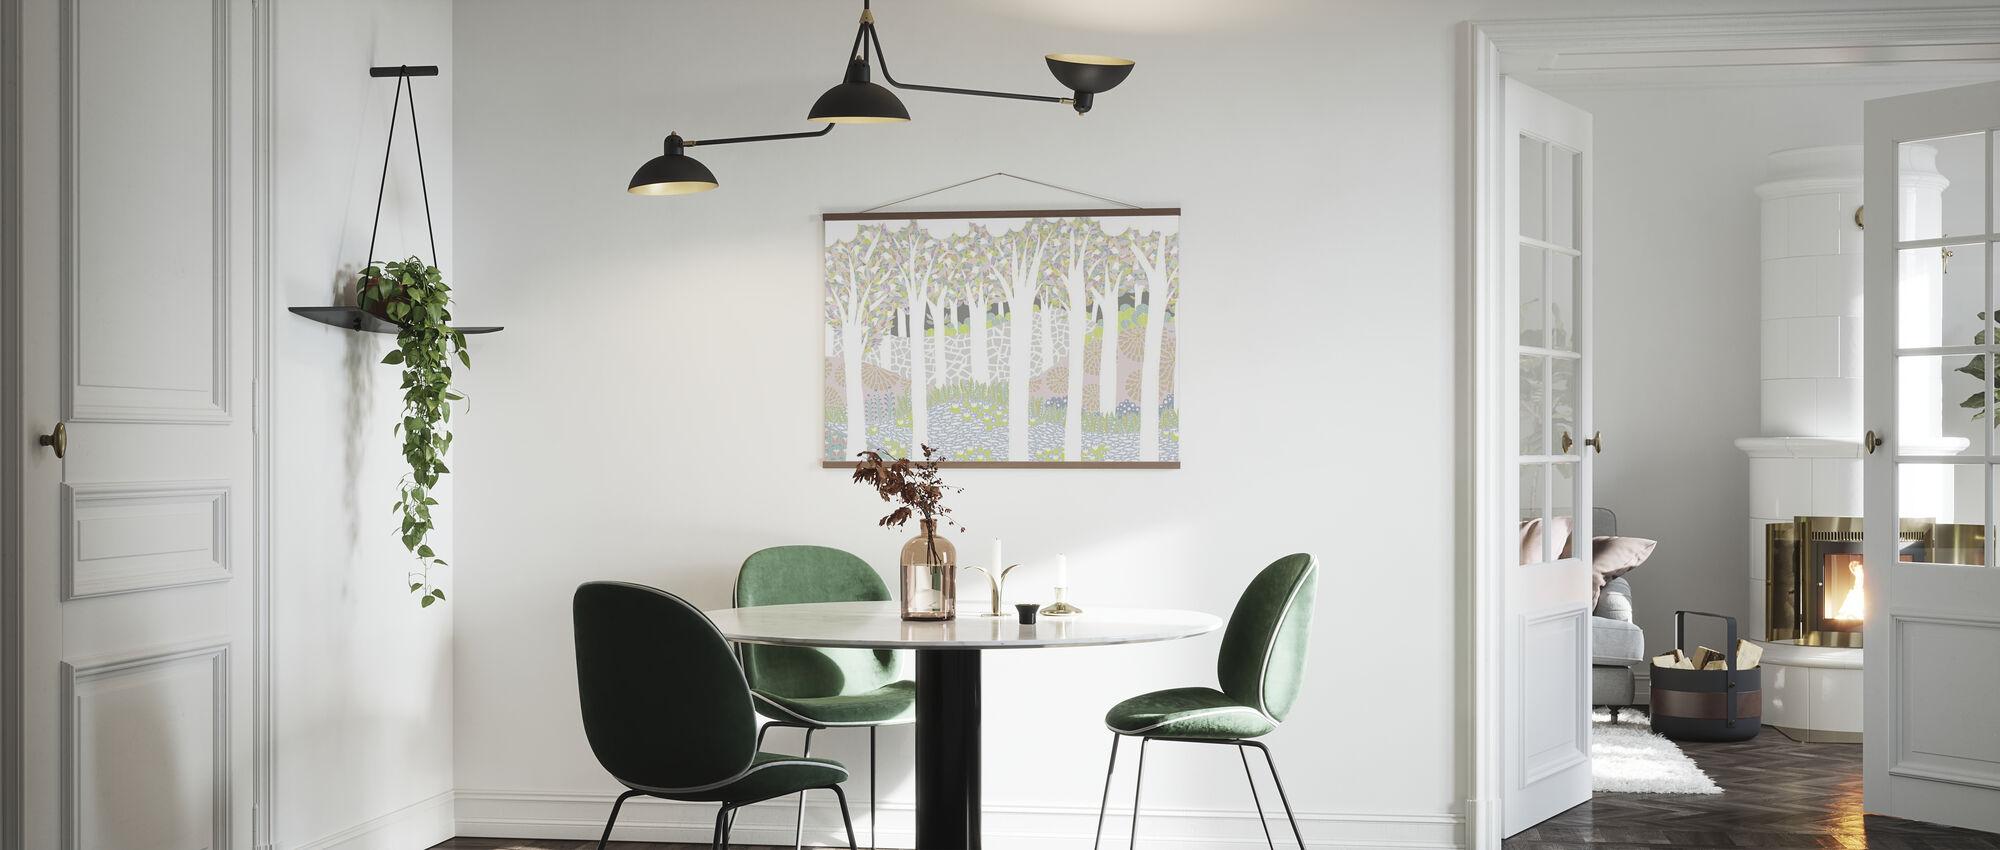 Vogelwald - Poster - Küchen